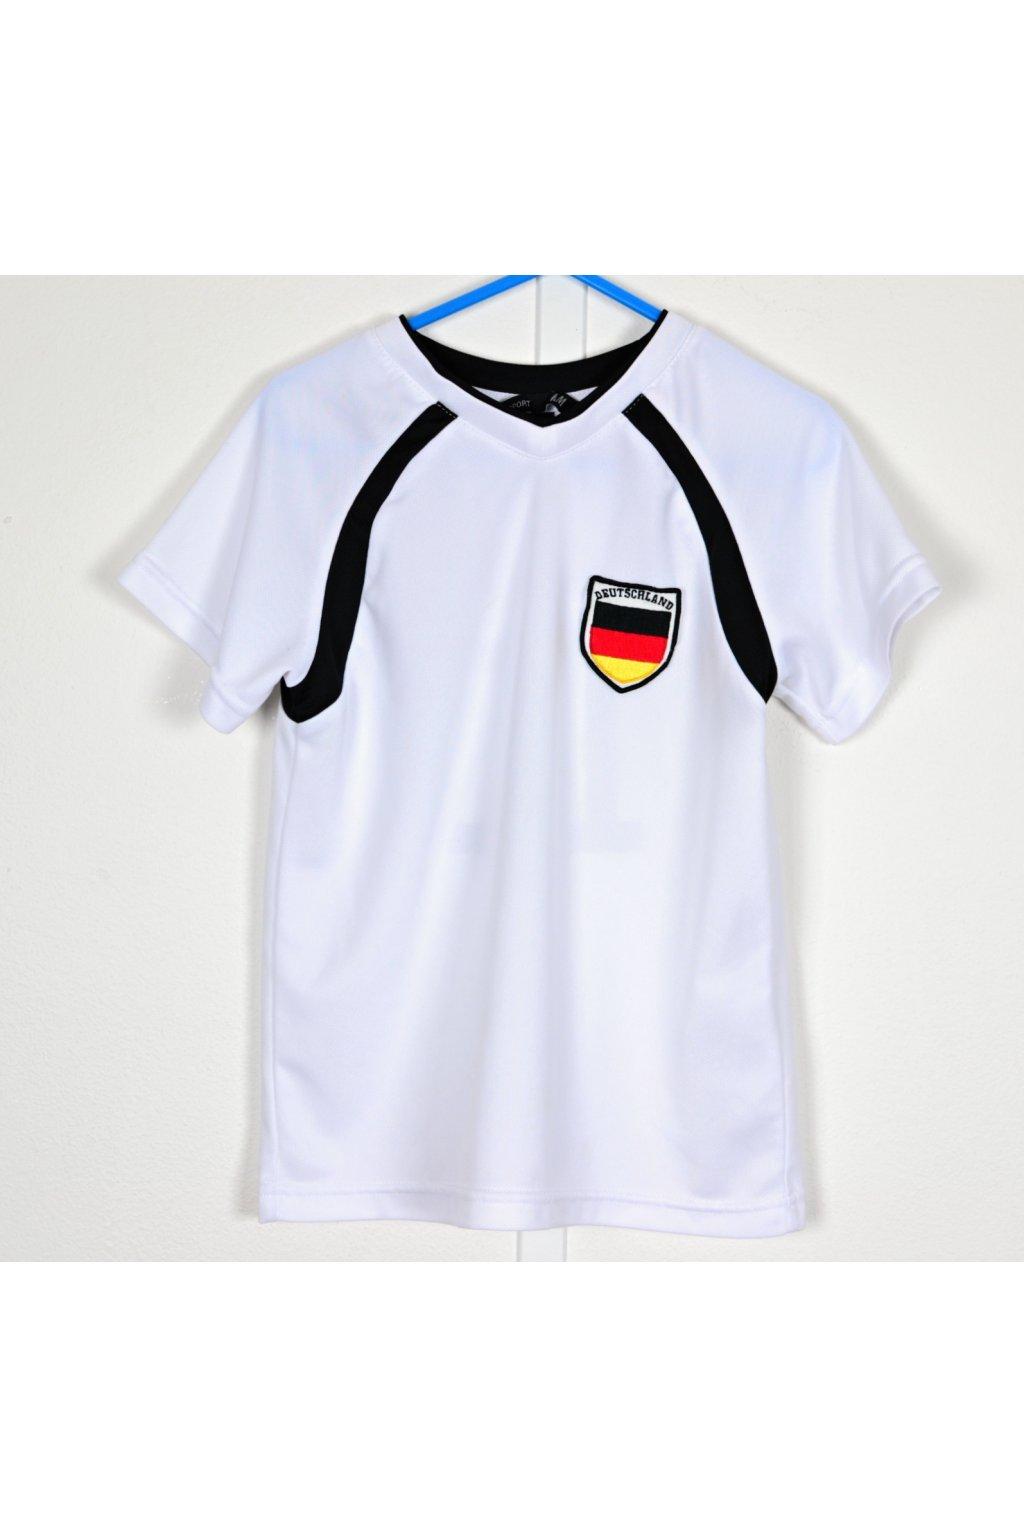 Dres sportovní tričko H&M vel 110/116